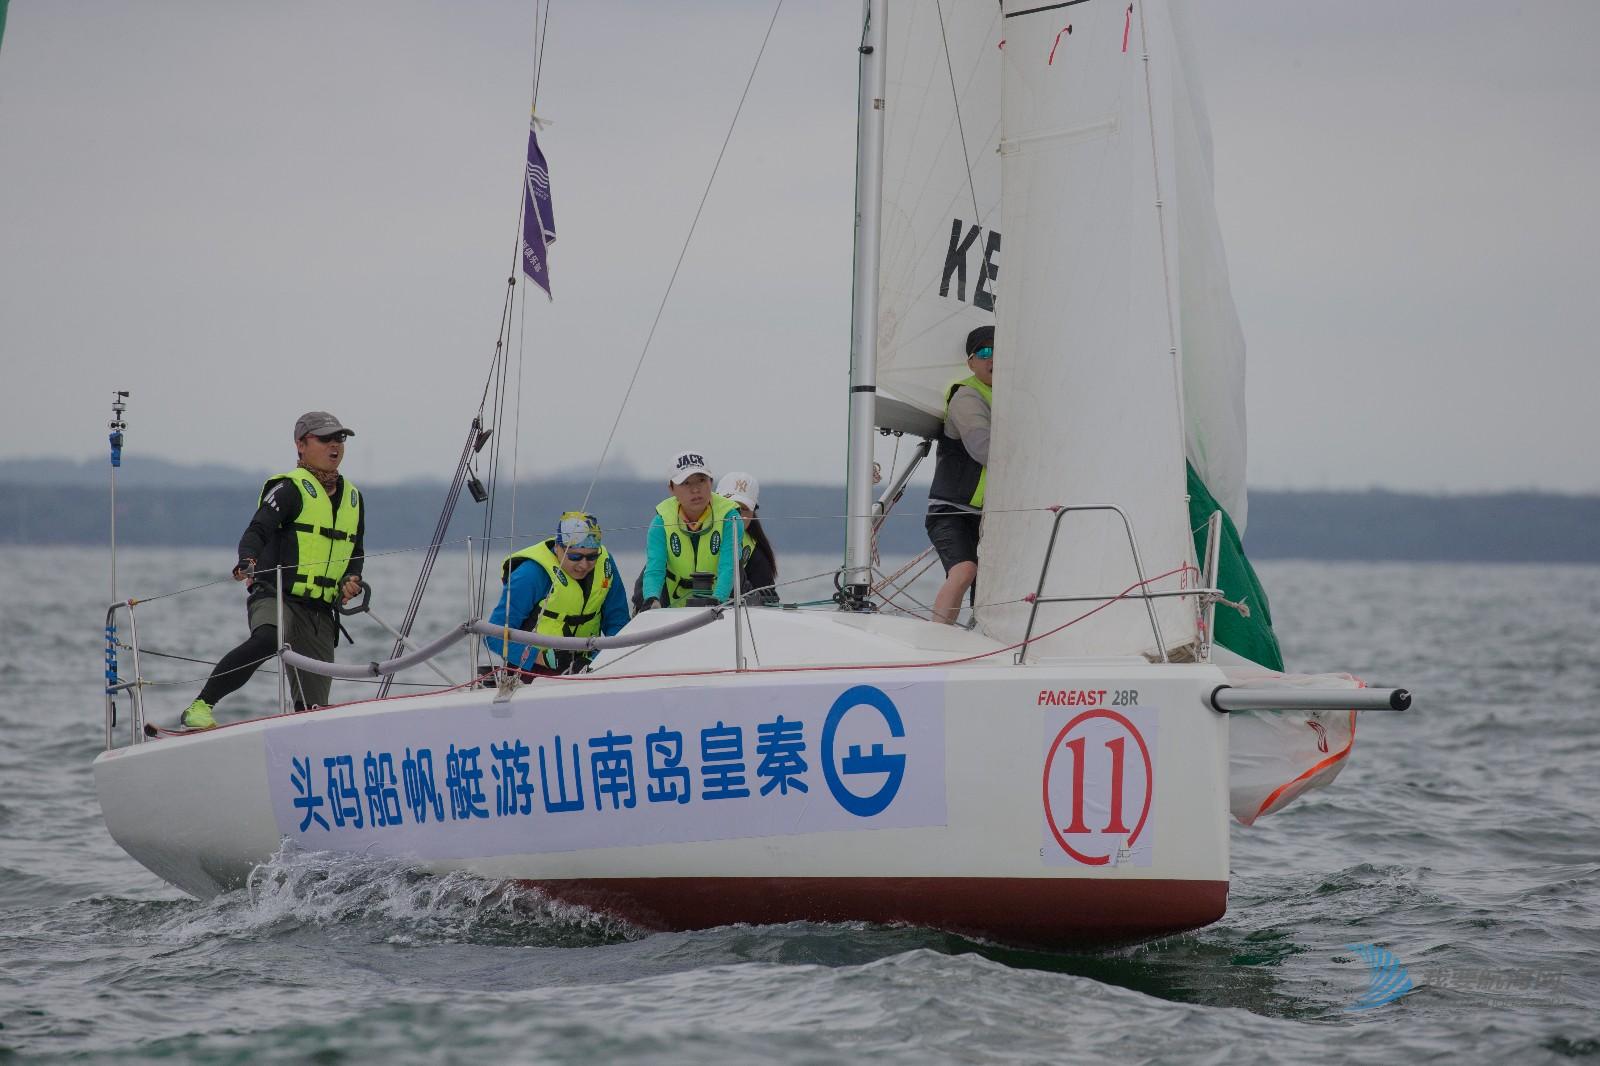 我们,帆船,毕竟,风向,都是 喉咙喊破,收获满满-秦皇岛河港杯帆船赛赛后总结  152654lmvymyb4